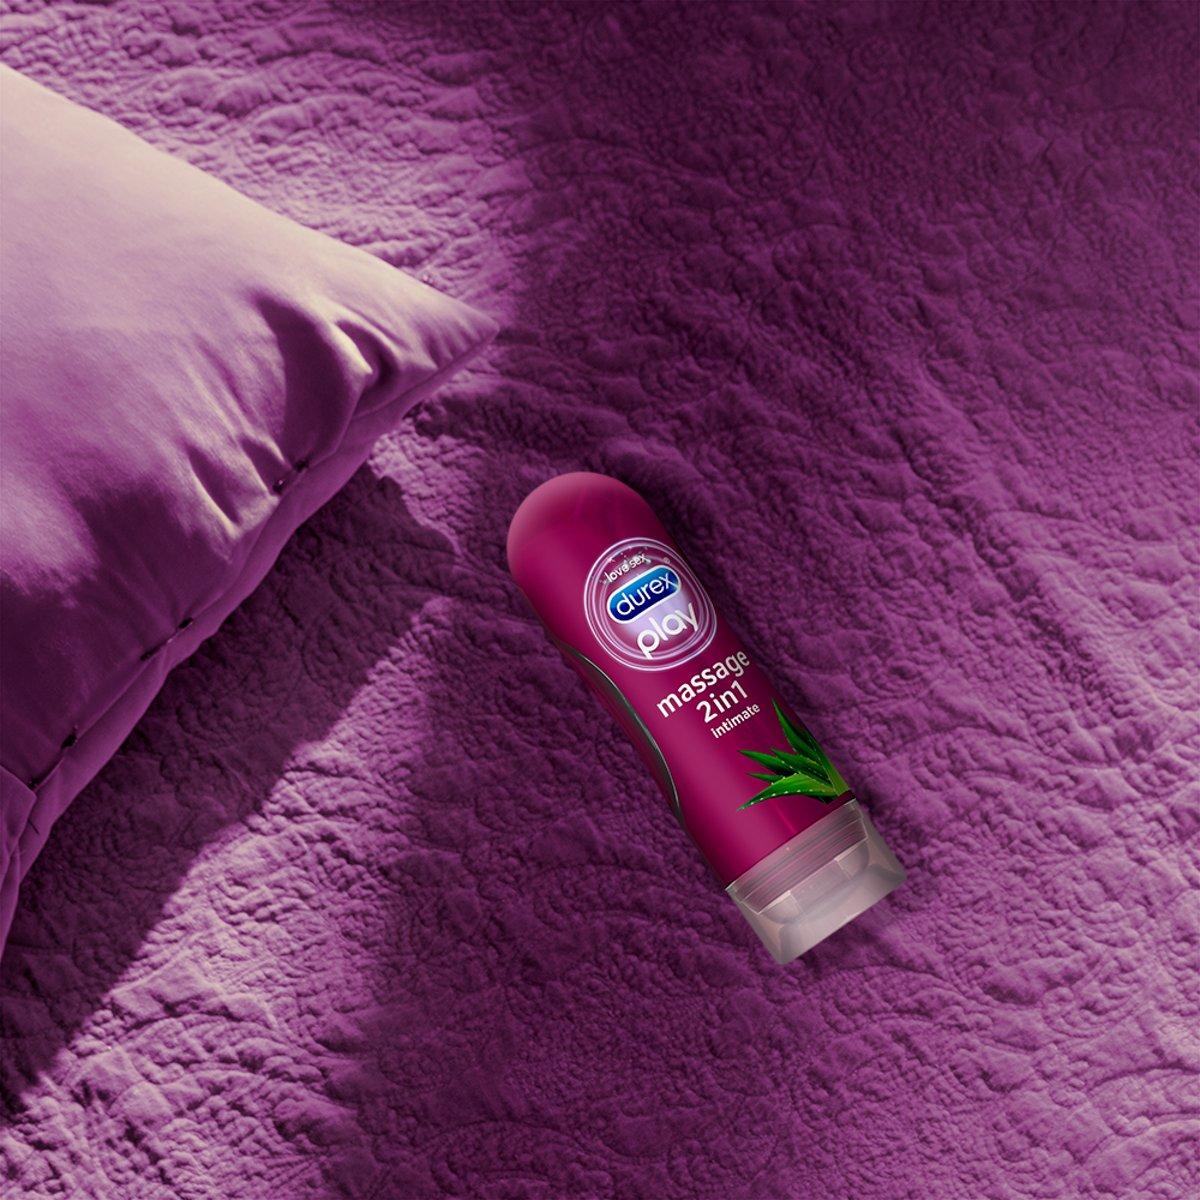 Durex Play Massage 2 In 1 Glijmiddel 200 Ml Alo Vera 2in1